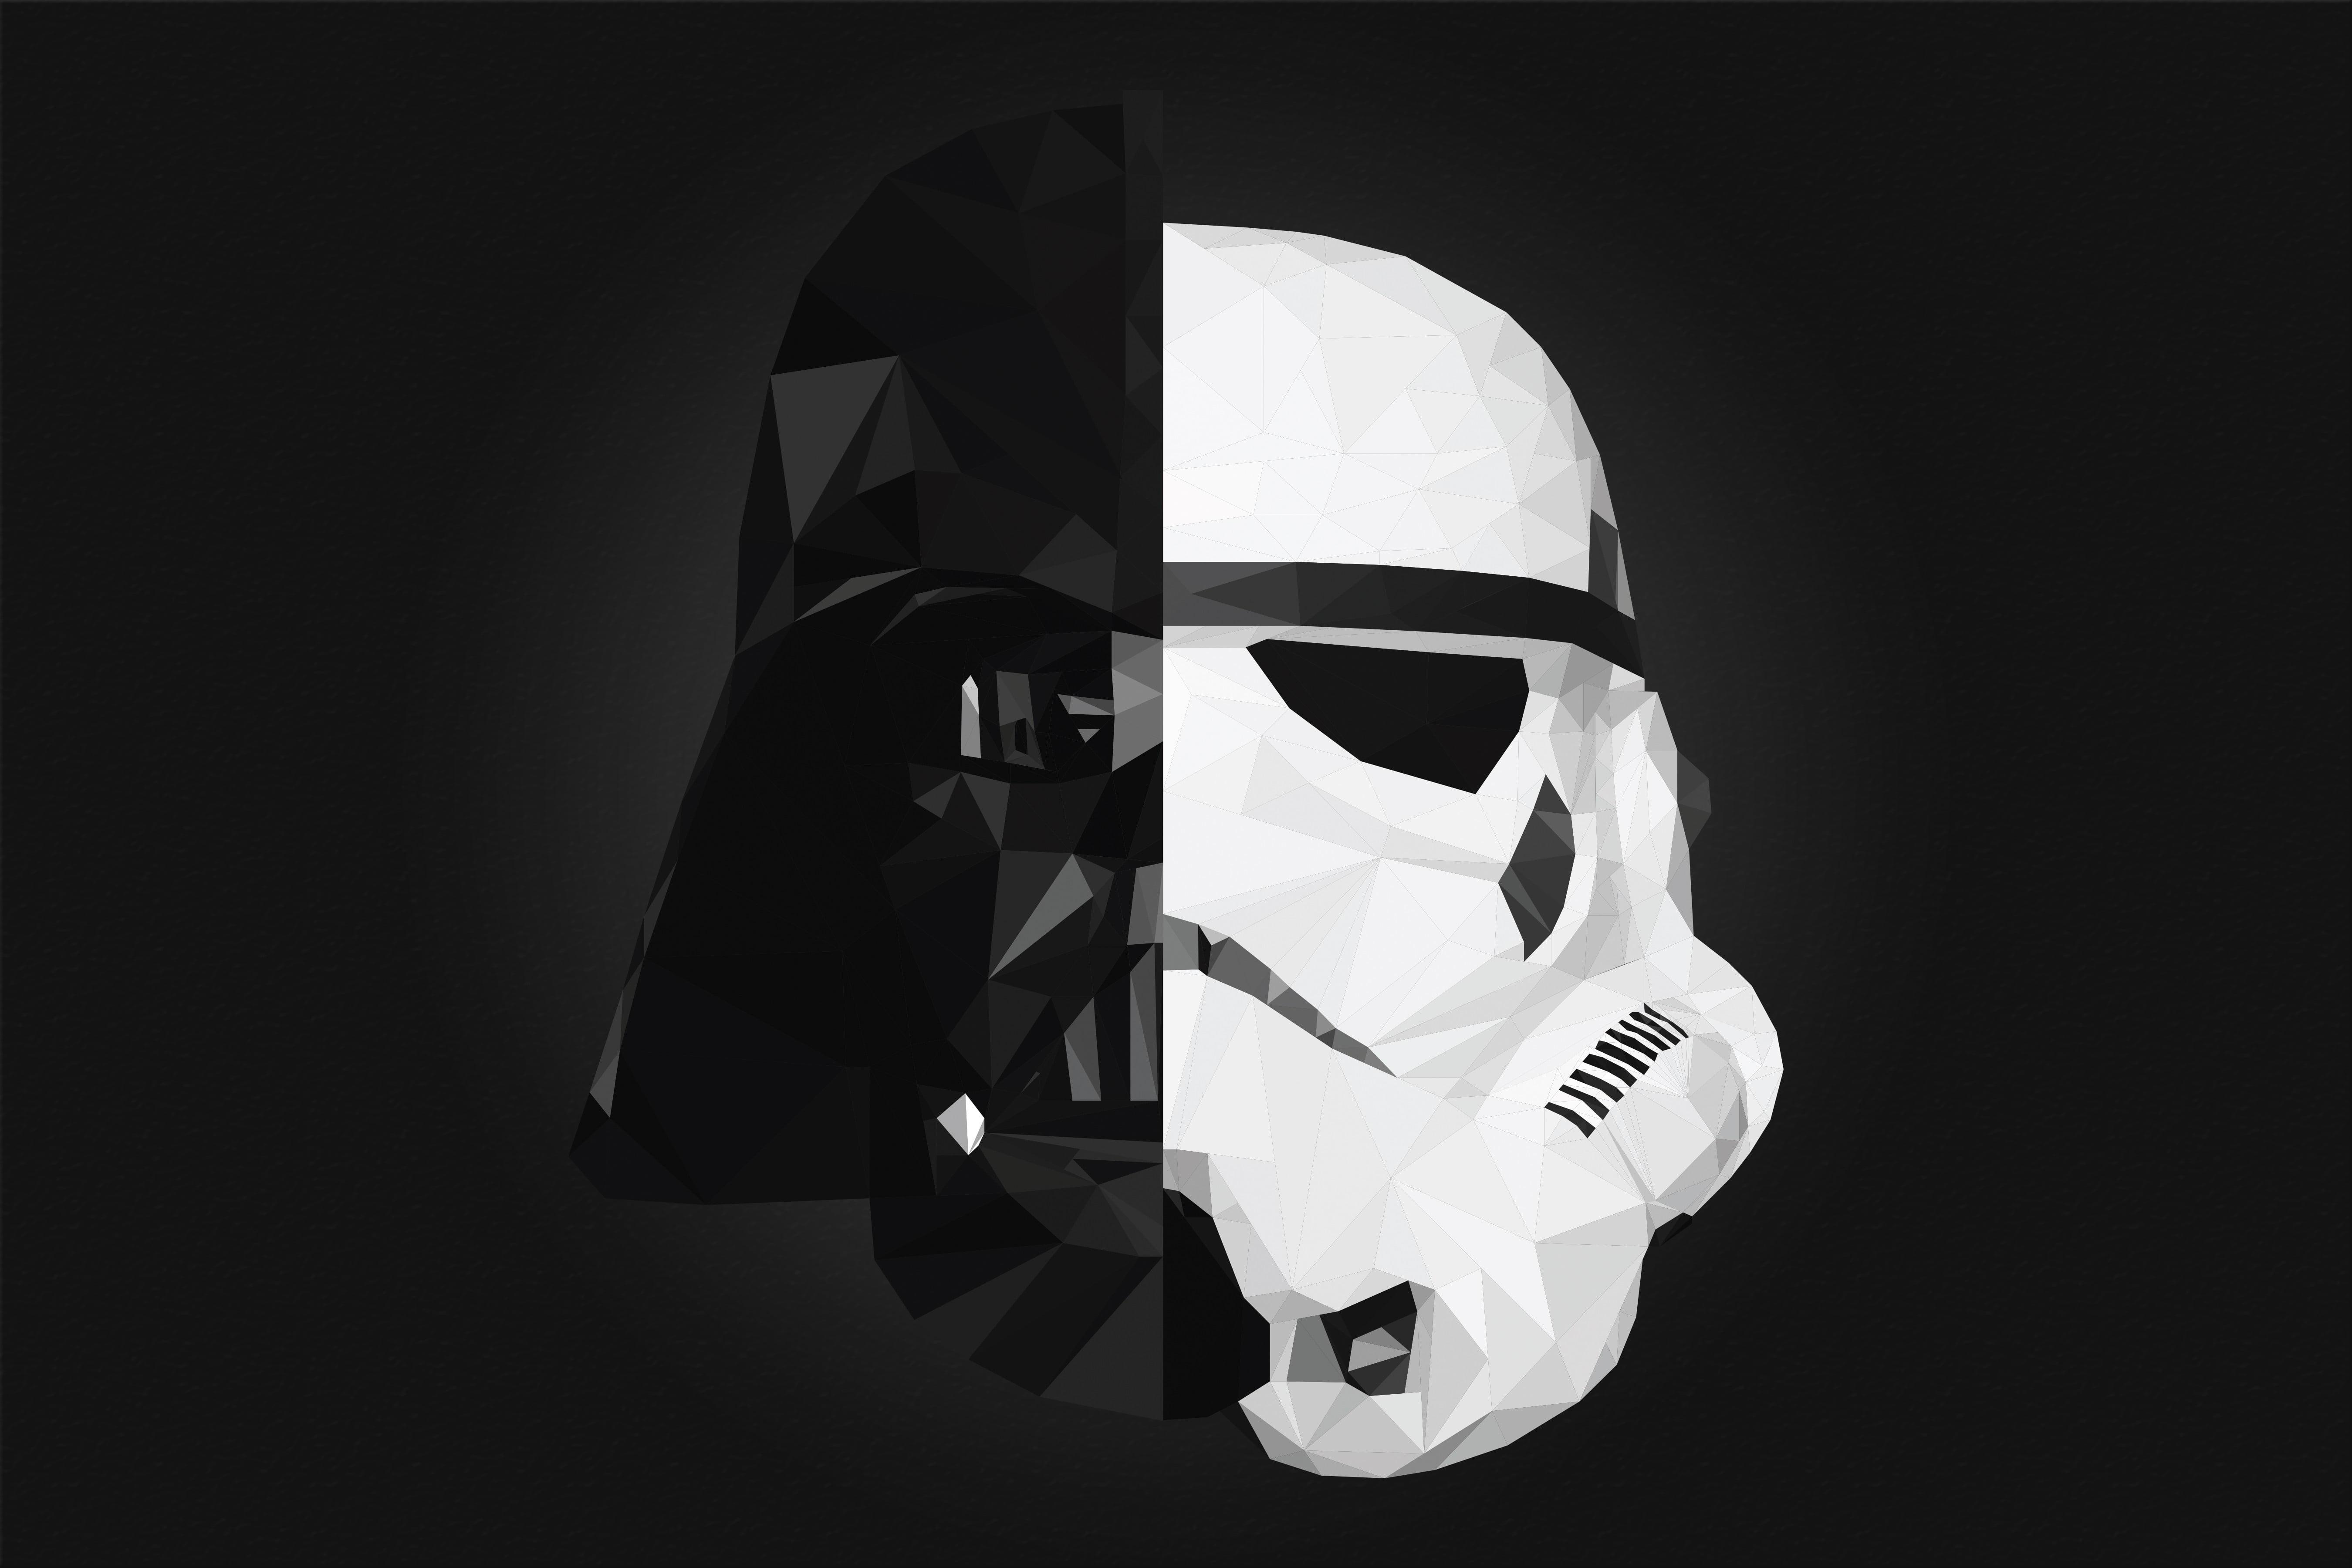 Ultrawide Wallpaper Star Wars 5400x3600 Wallpaper Teahub Io